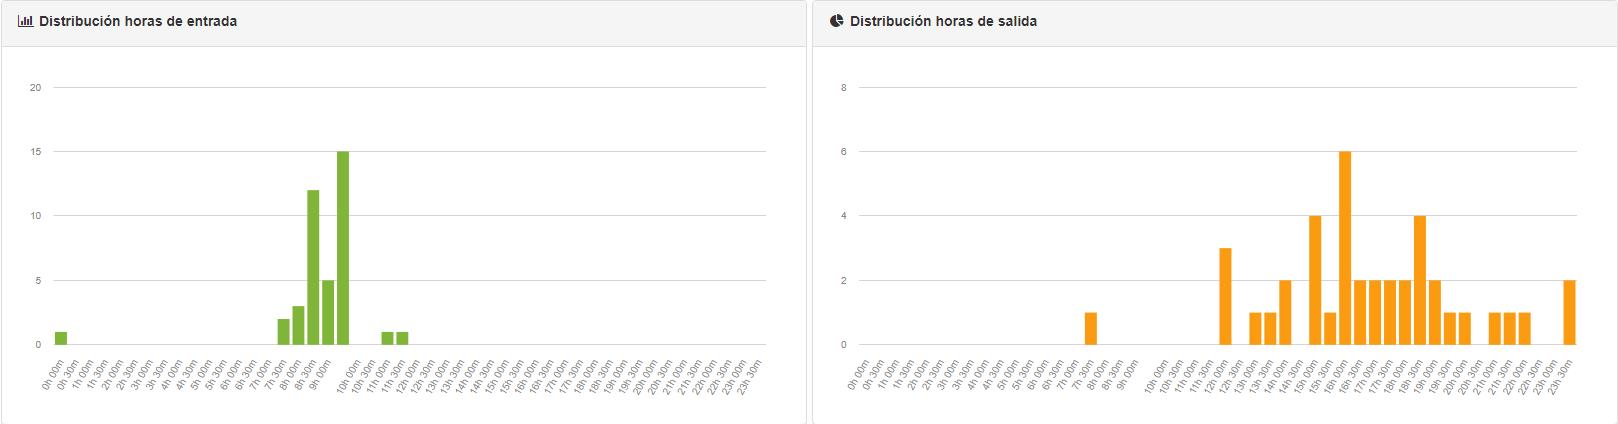 Distribución horas entrada y salida (time@work control horario)